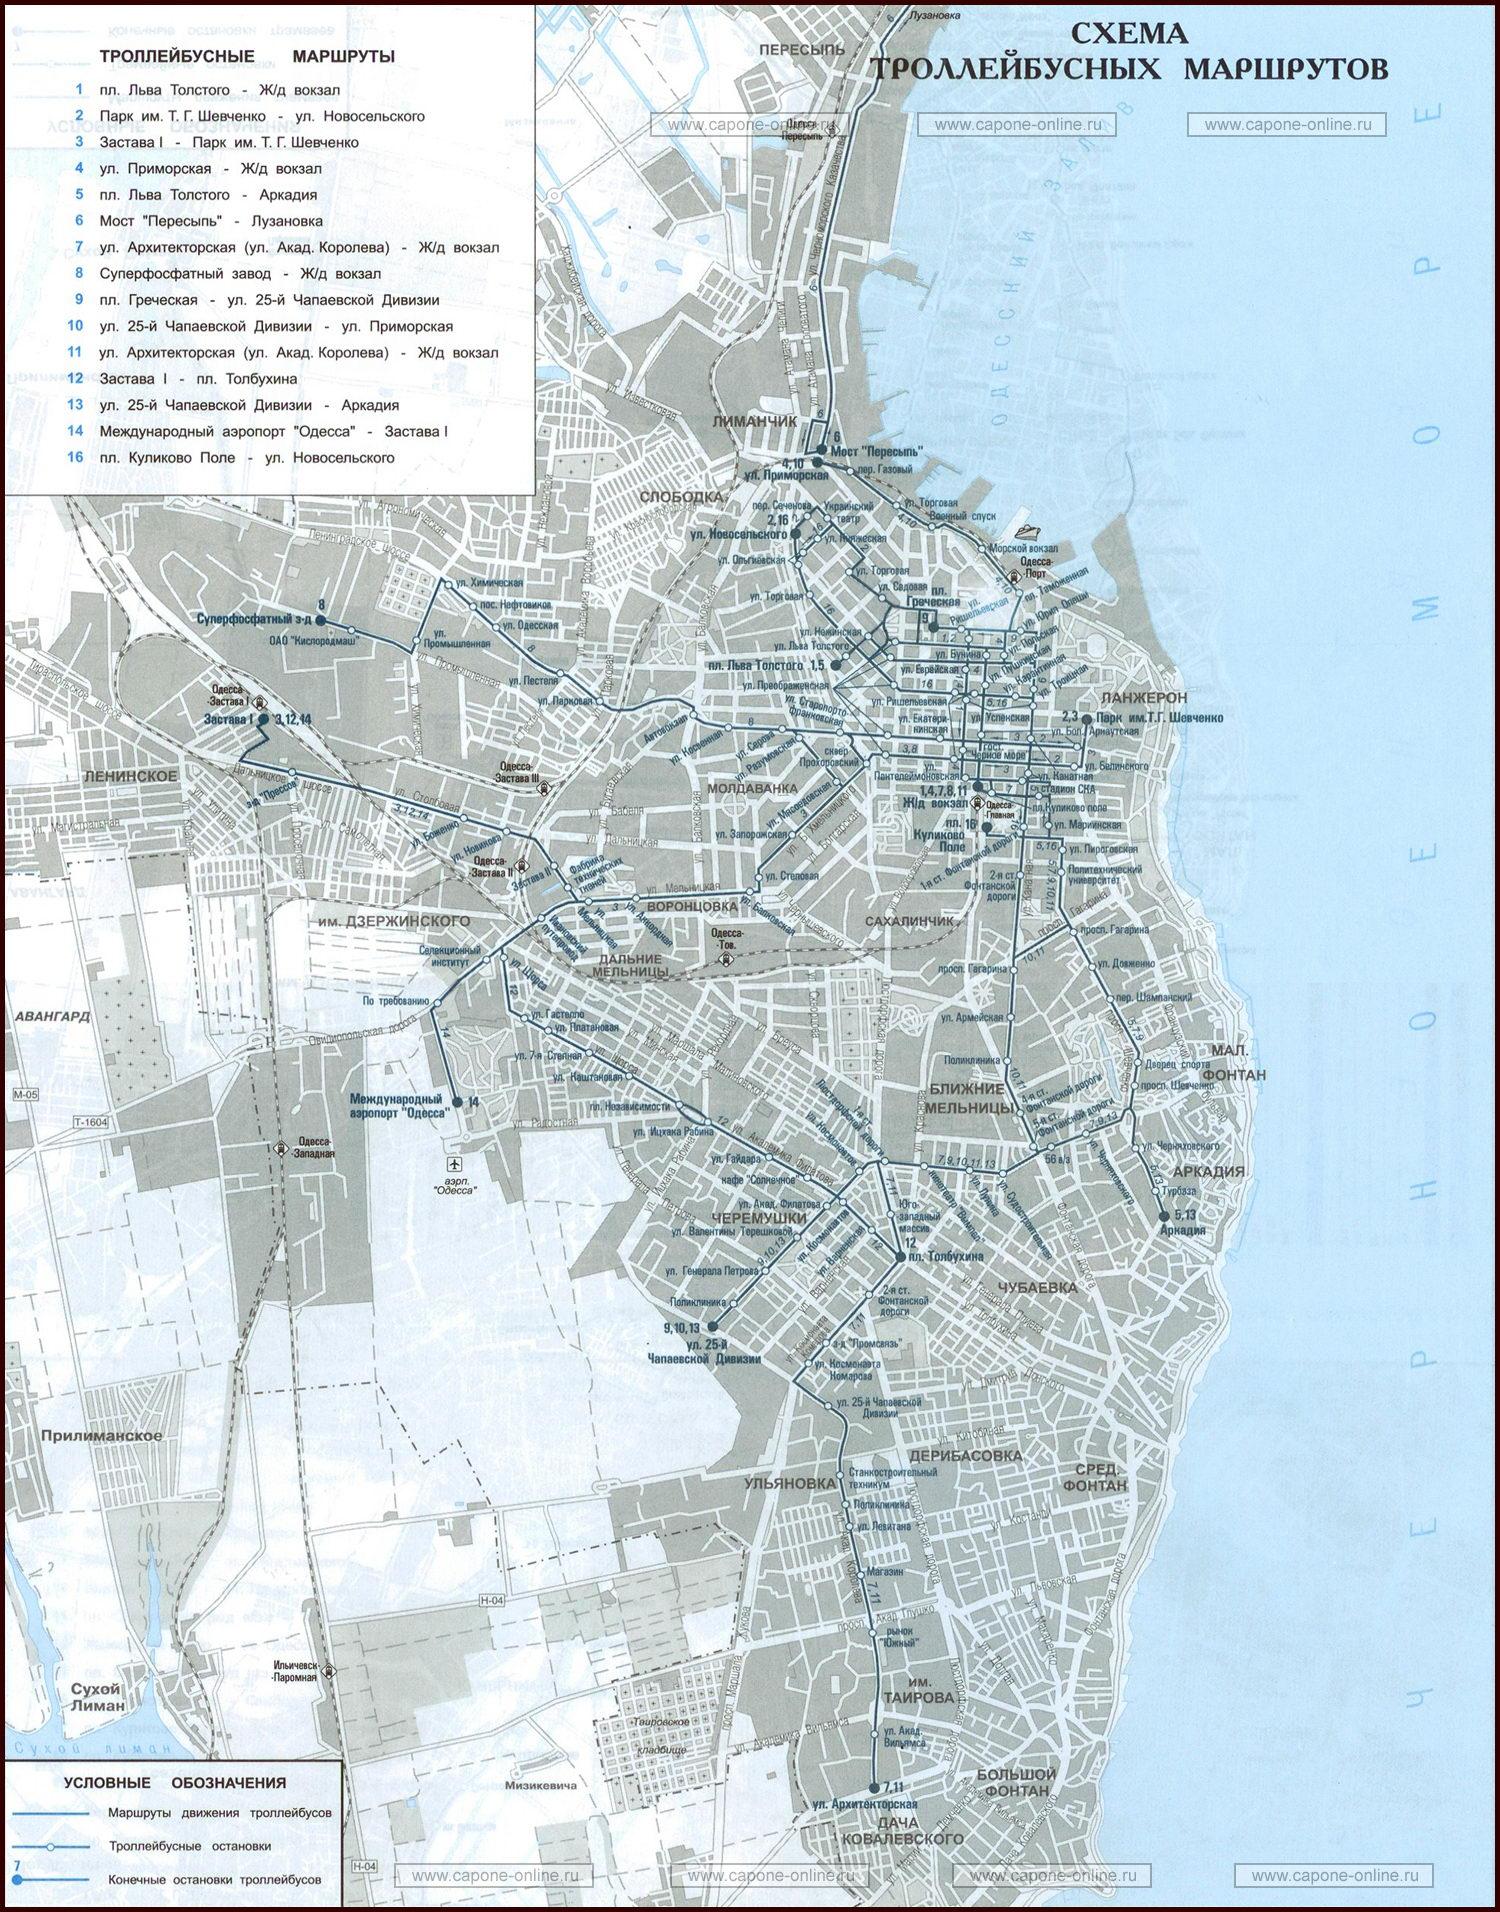 Туристическая карта-схема троллейбусных маршрутов города Одесса.